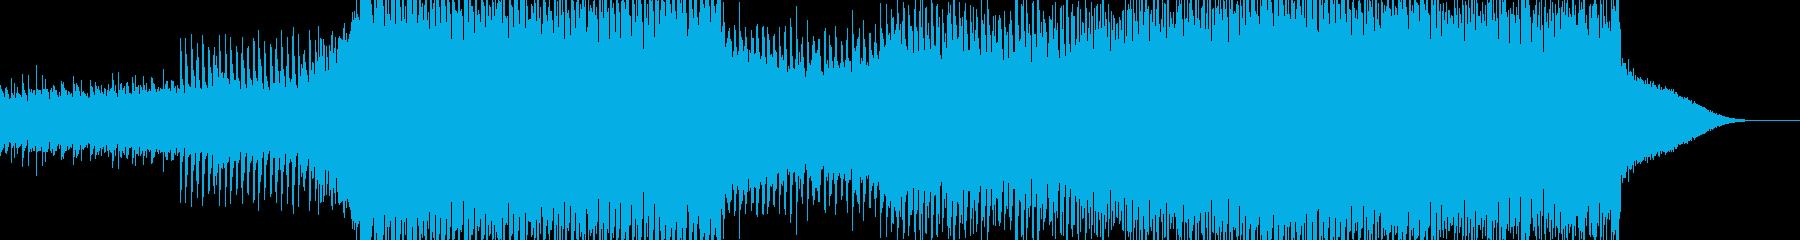 健やかな日常をイメージ【EDM】  の再生済みの波形